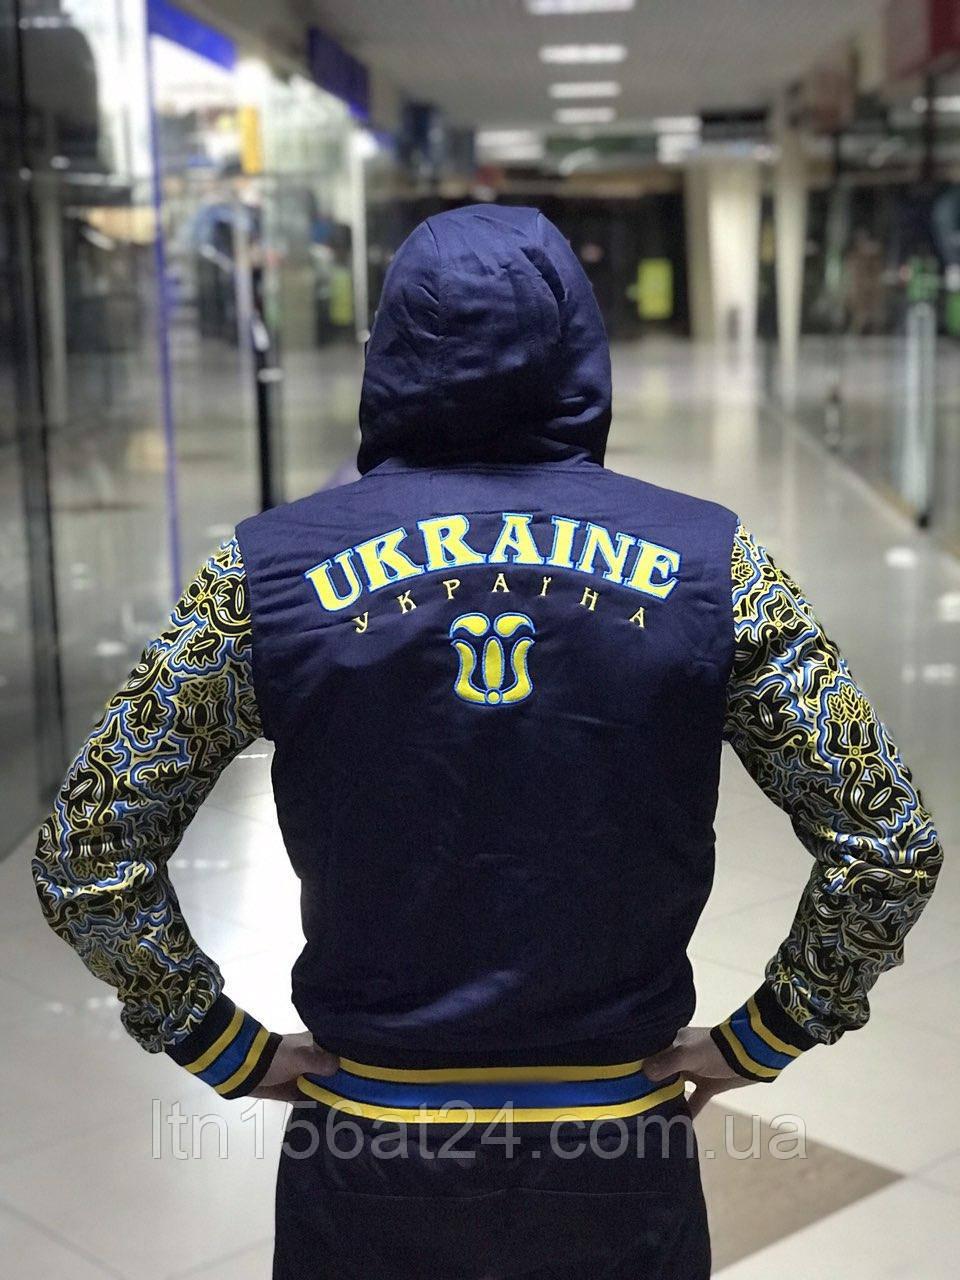 2521c7f3 Олимпийский спортивный костюм Bosco Sport Украина - NEWLCD (LCD Экраны)  тел. +380672409835